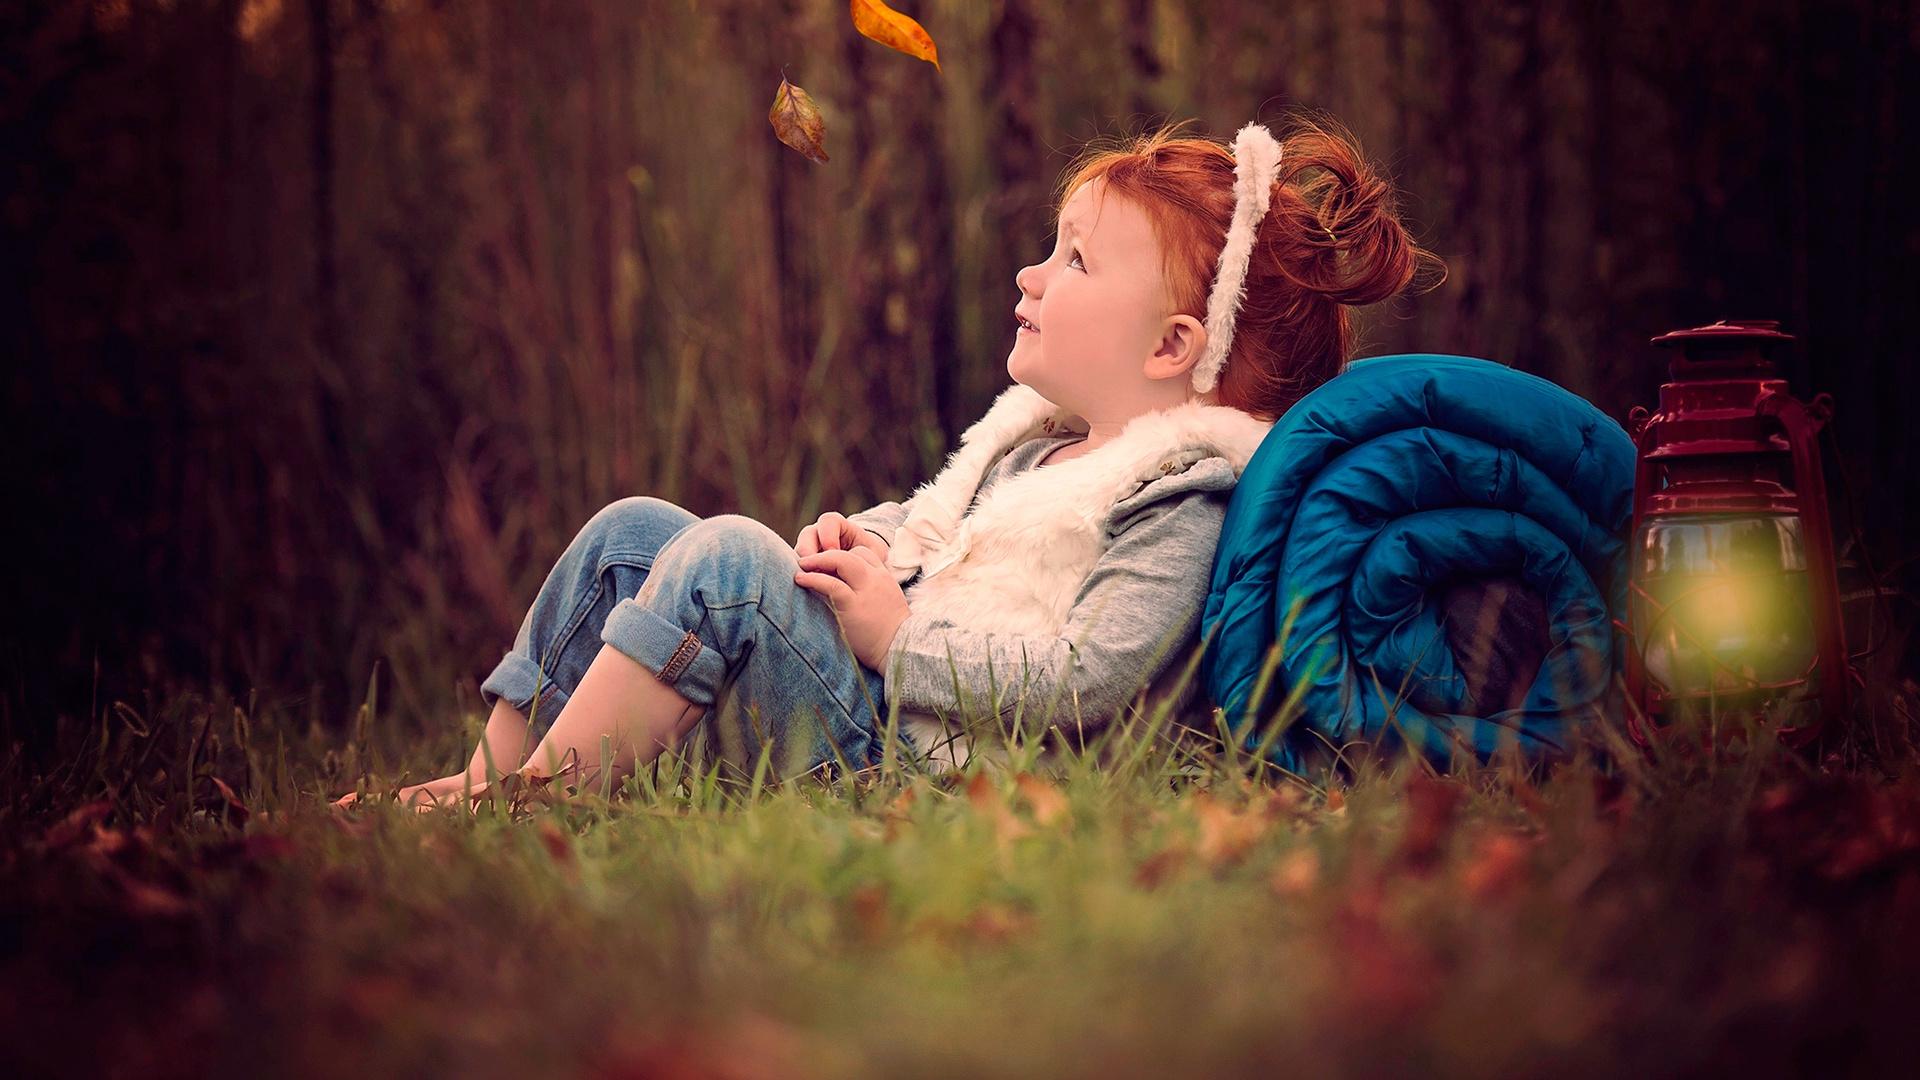 sue ellen tolman, ребёнок, девочка, рыжая, радость, скатка, фонарь, природа, осень, лес, листья